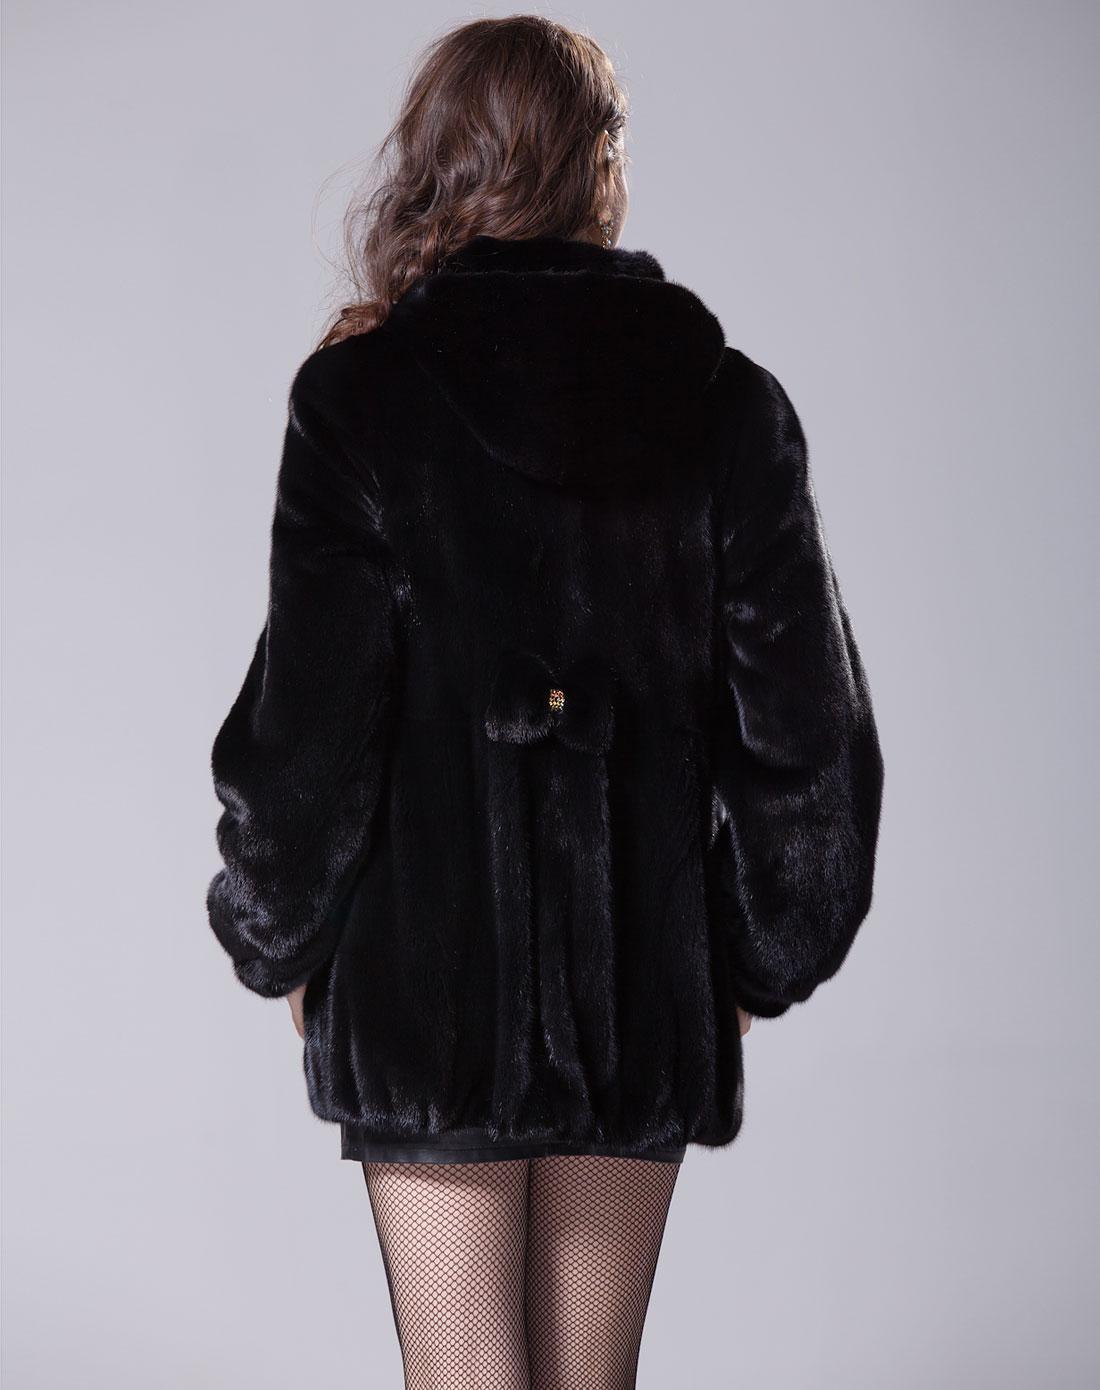 时尚黑色连帽蝴蝶结中长款貂皮大衣